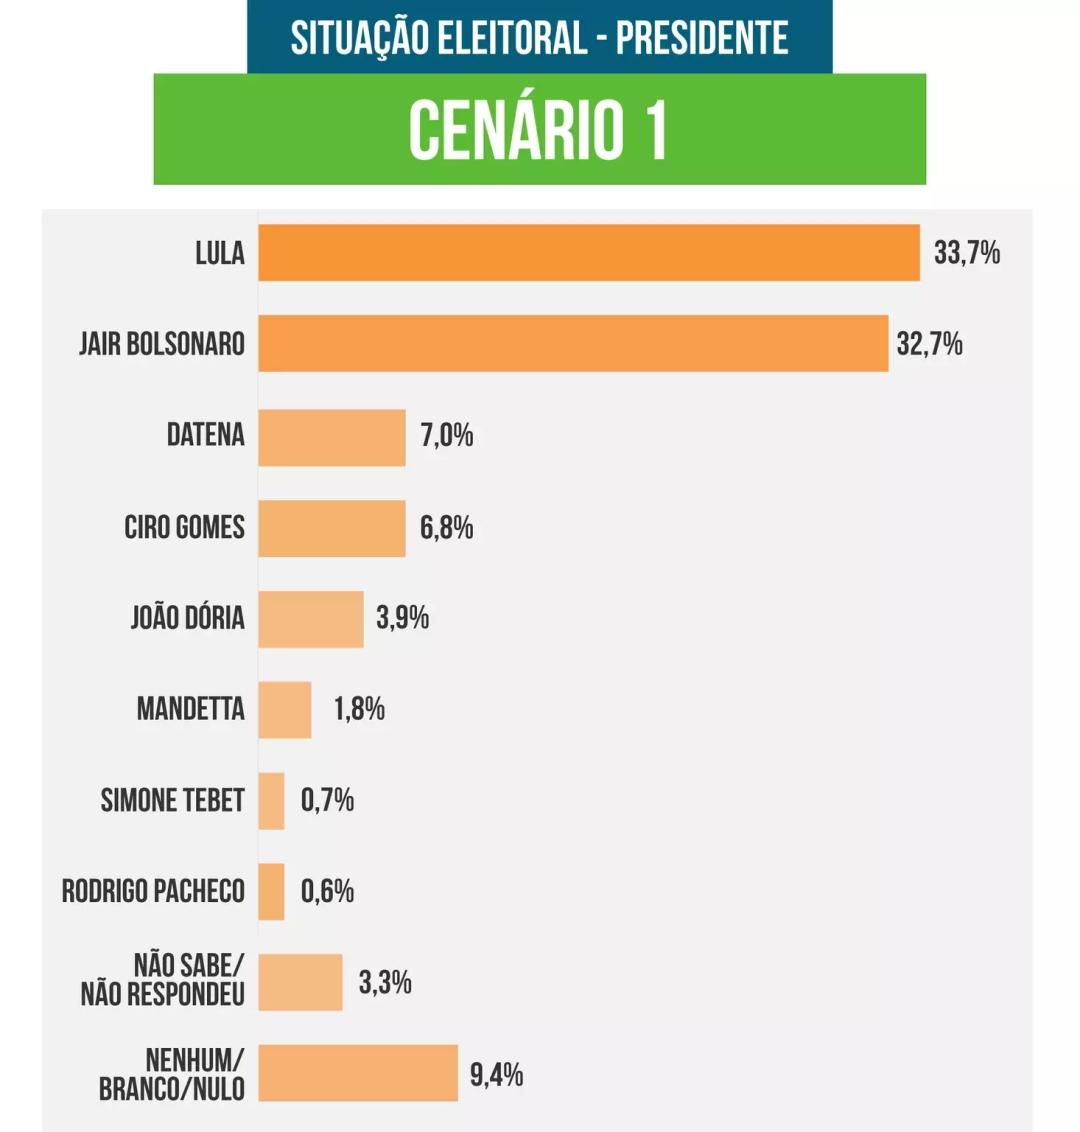 """Com Lula e Bolsonaro empatados, Mandetta e Simone são """"lembrados"""" por 1%"""